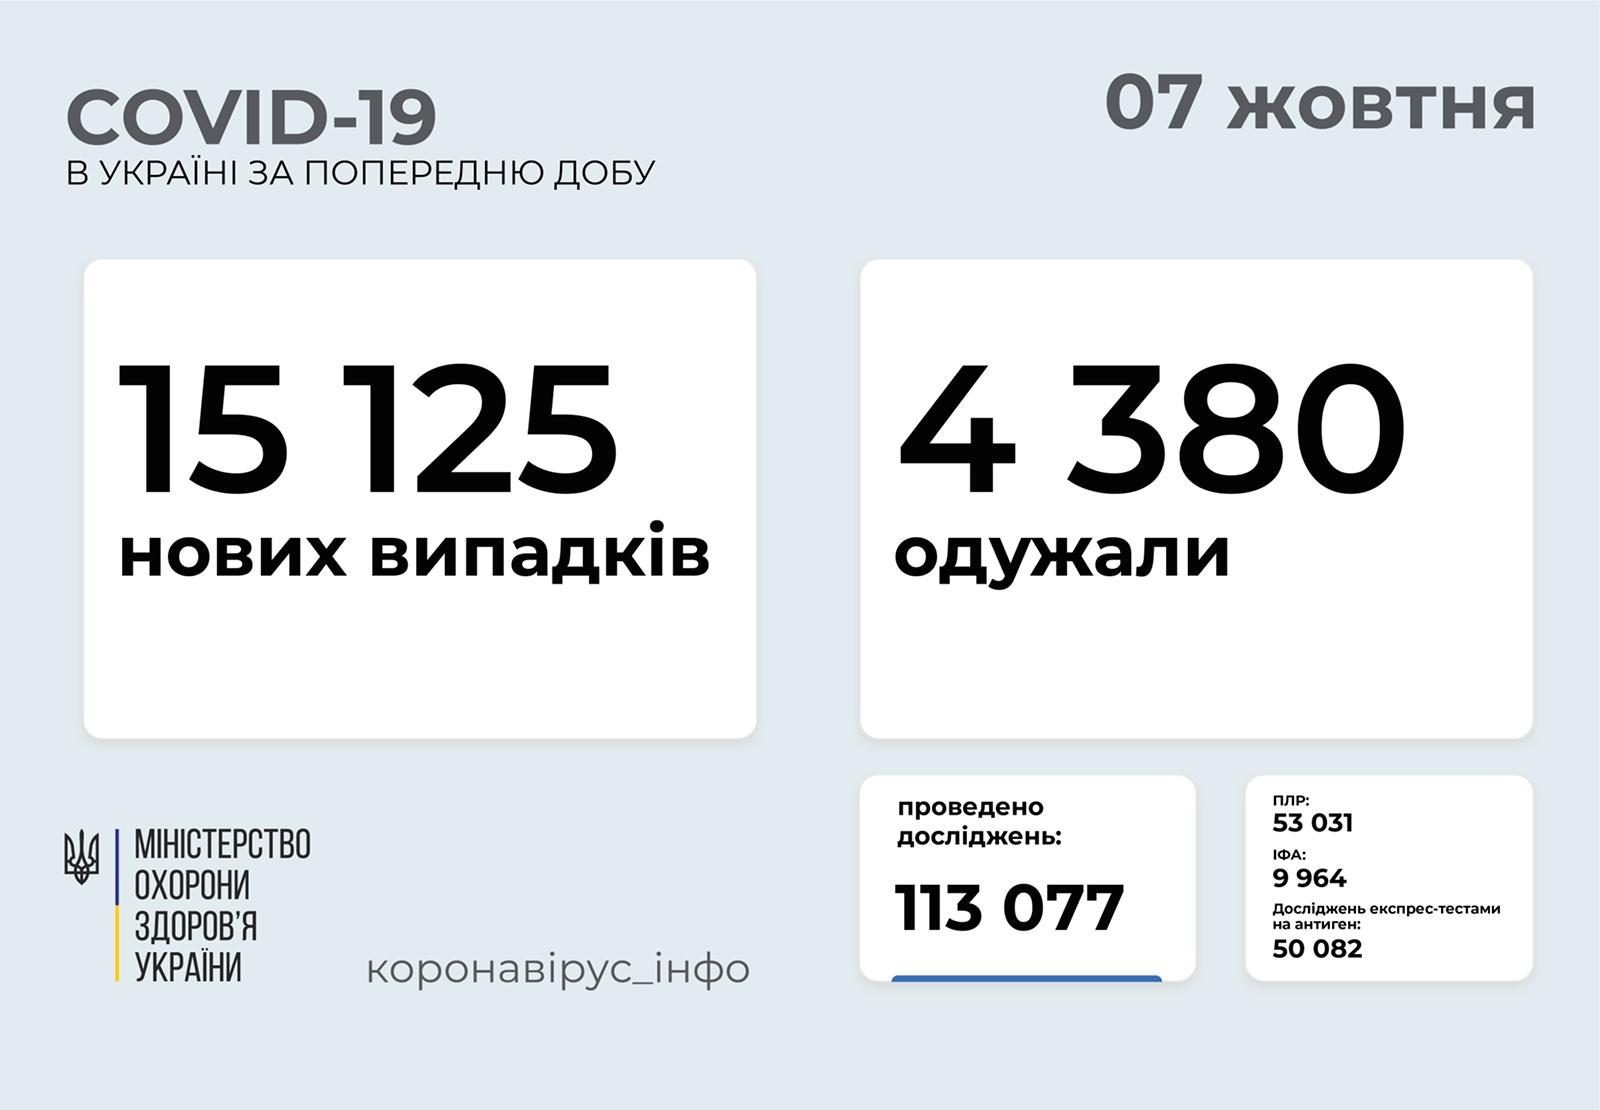 zobrazhennia_viber_2021-10-07_08-20-27-918